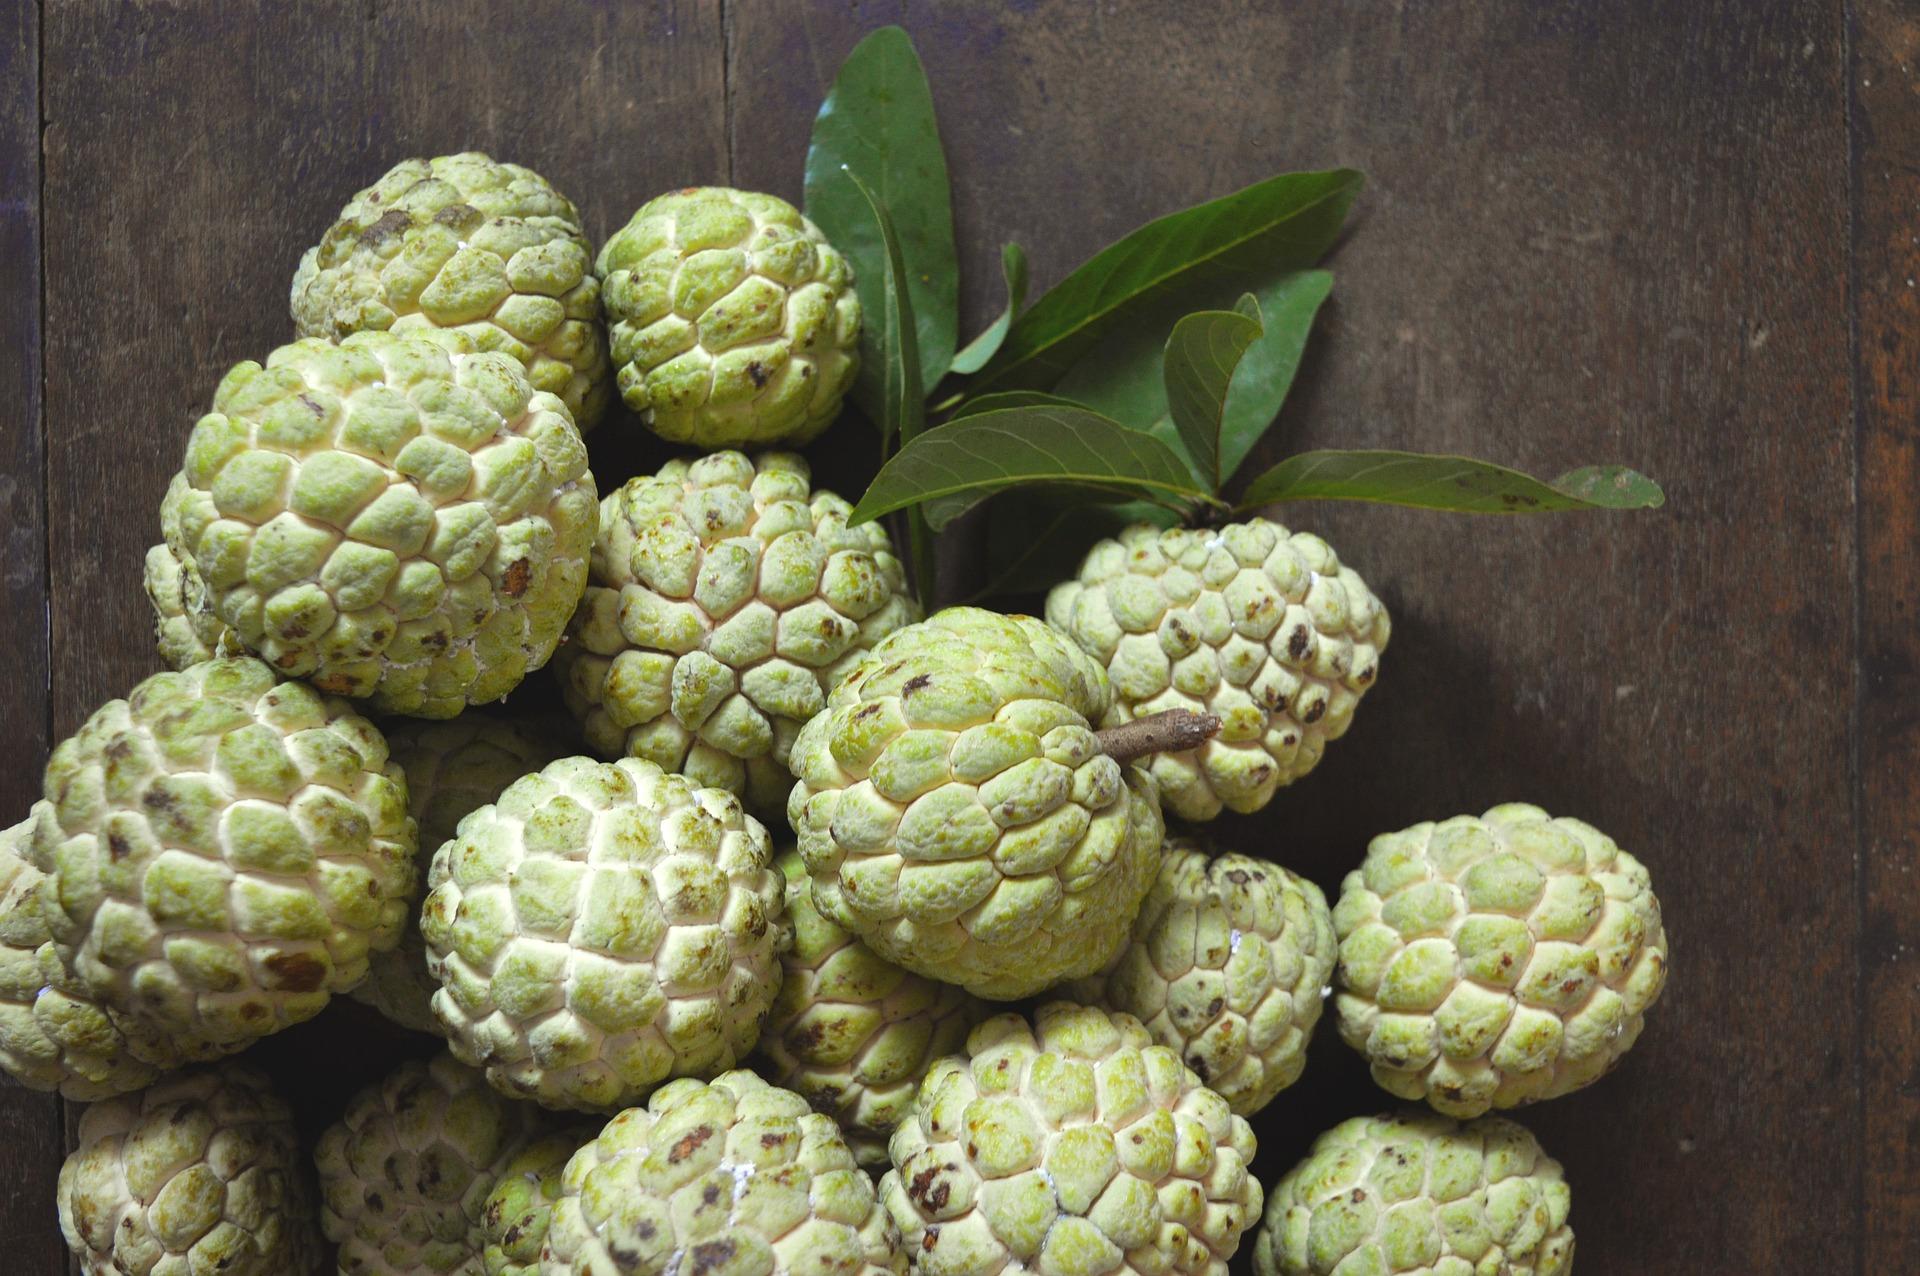 fruit-951792_1920.jpg